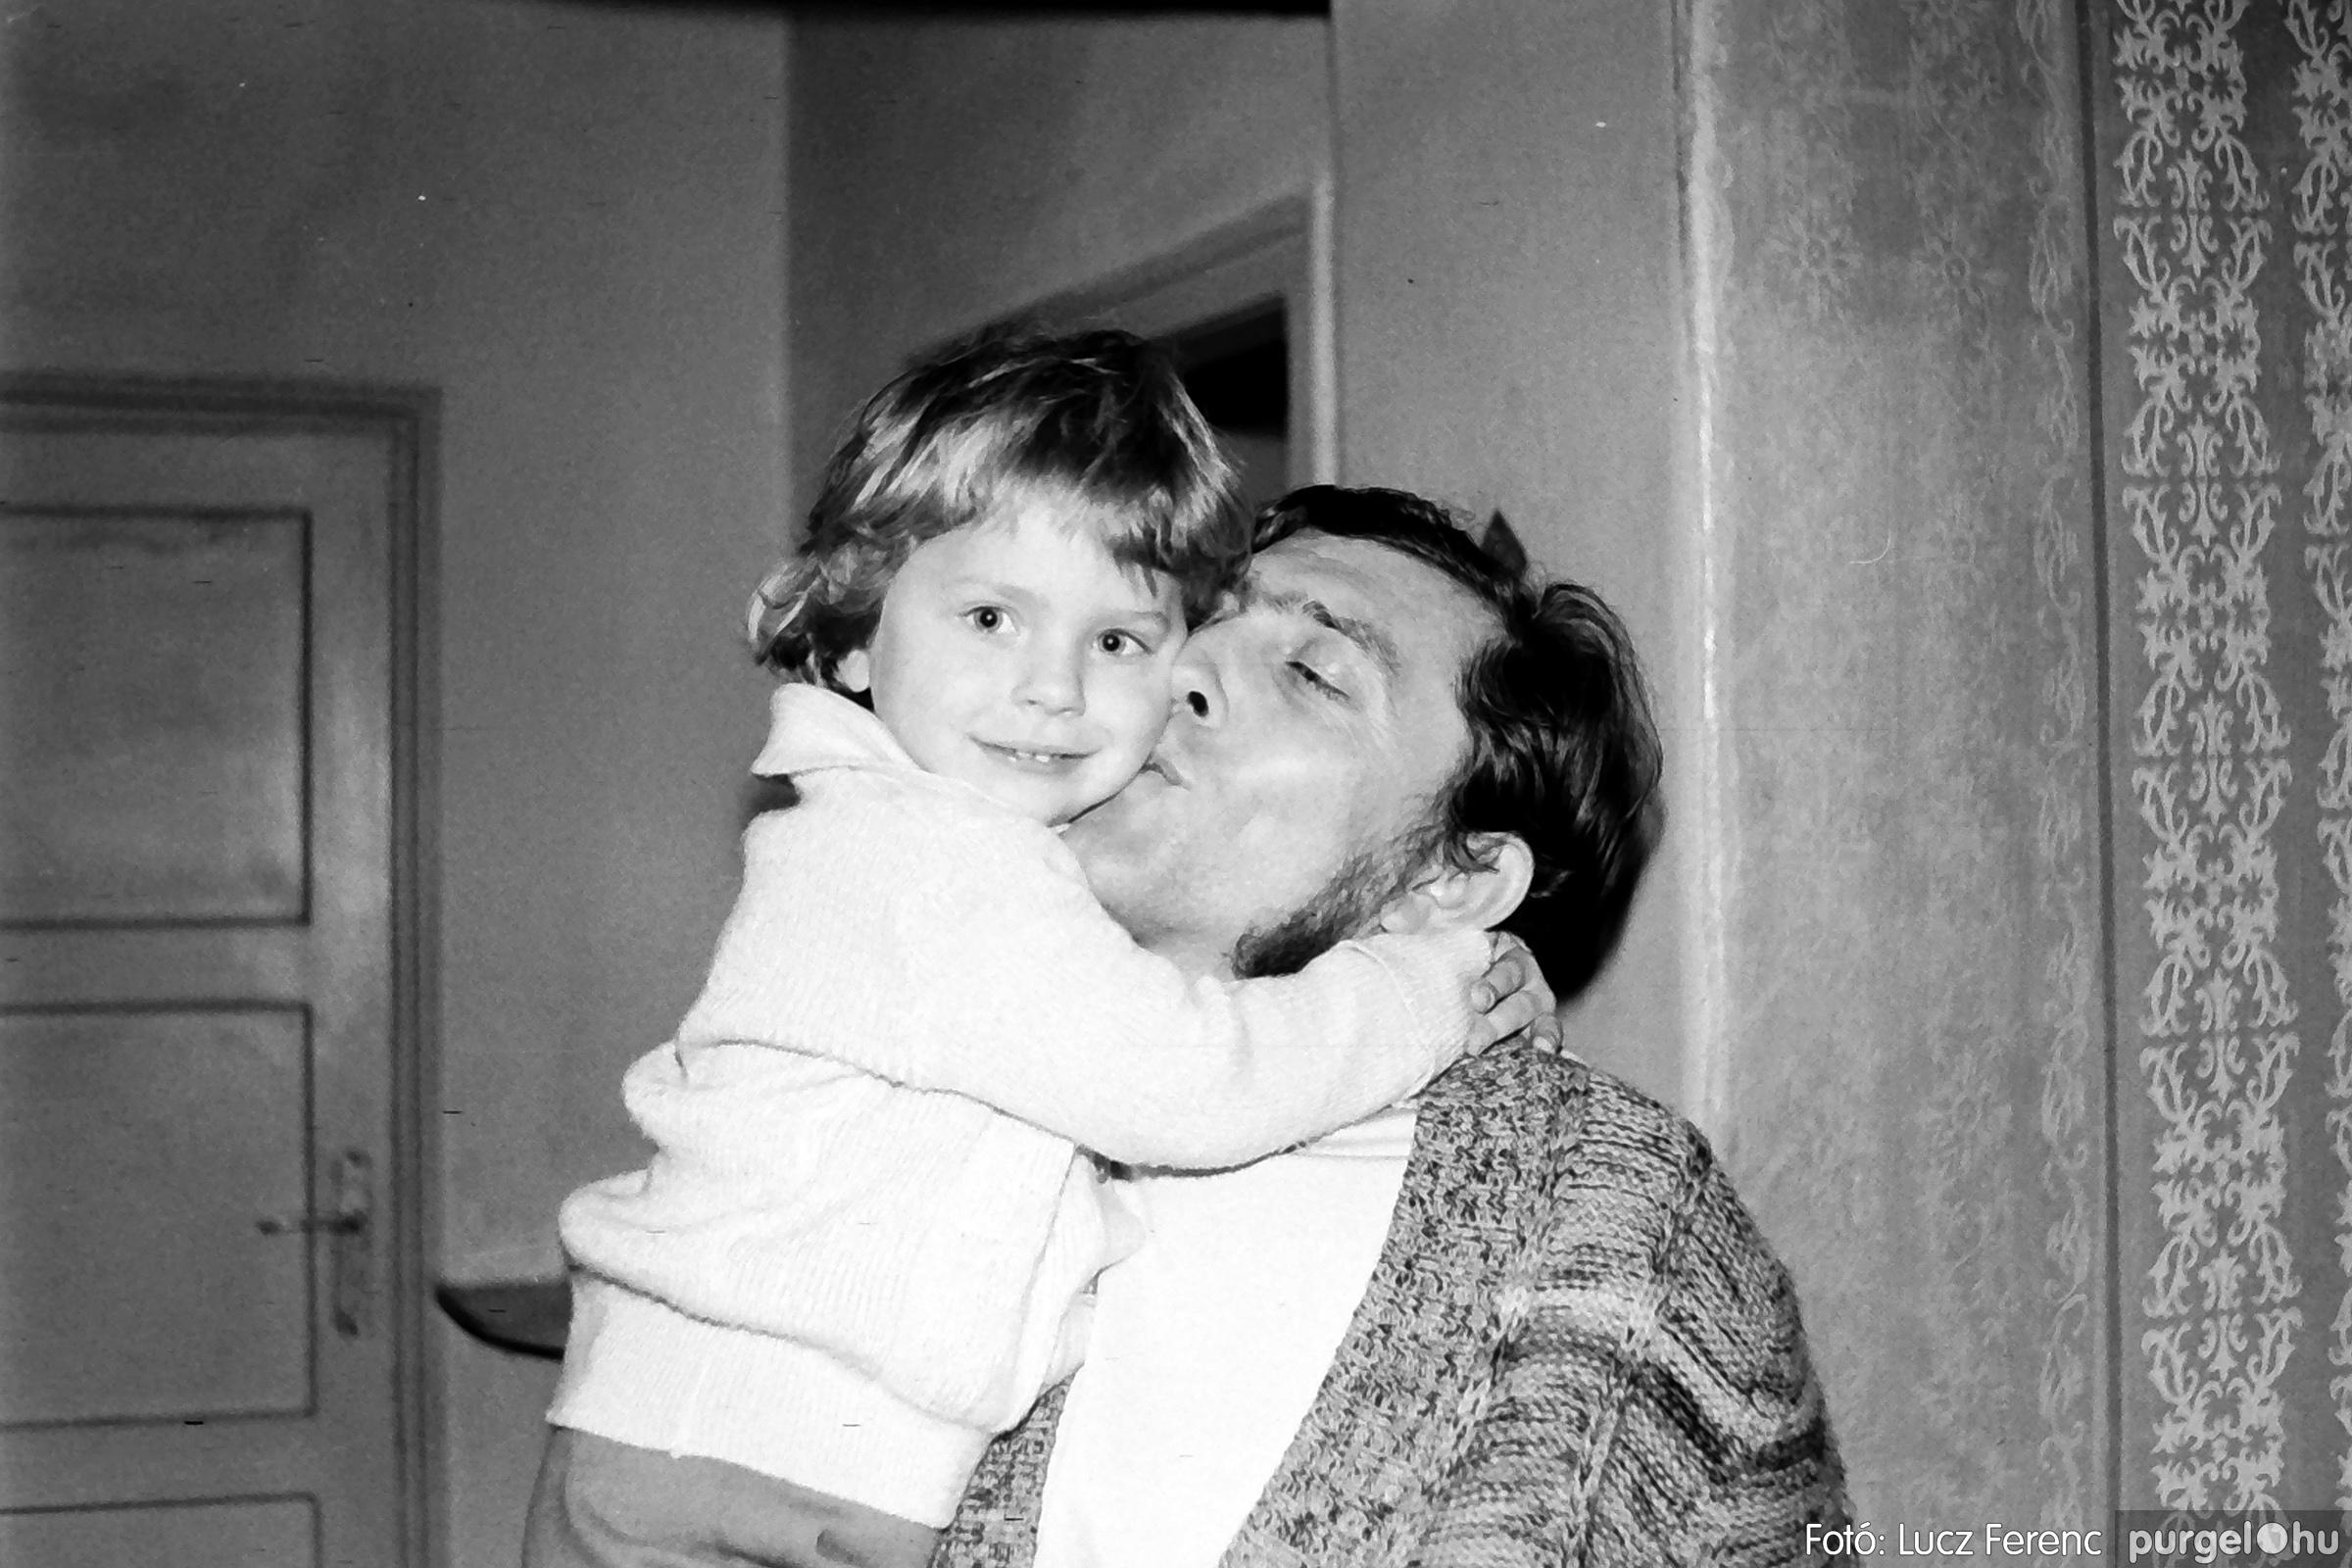 064-065. 1976. KTSZ-es dínomdánom a vendéglőben 038. - Fotó: Lucz Ferenc.jpg